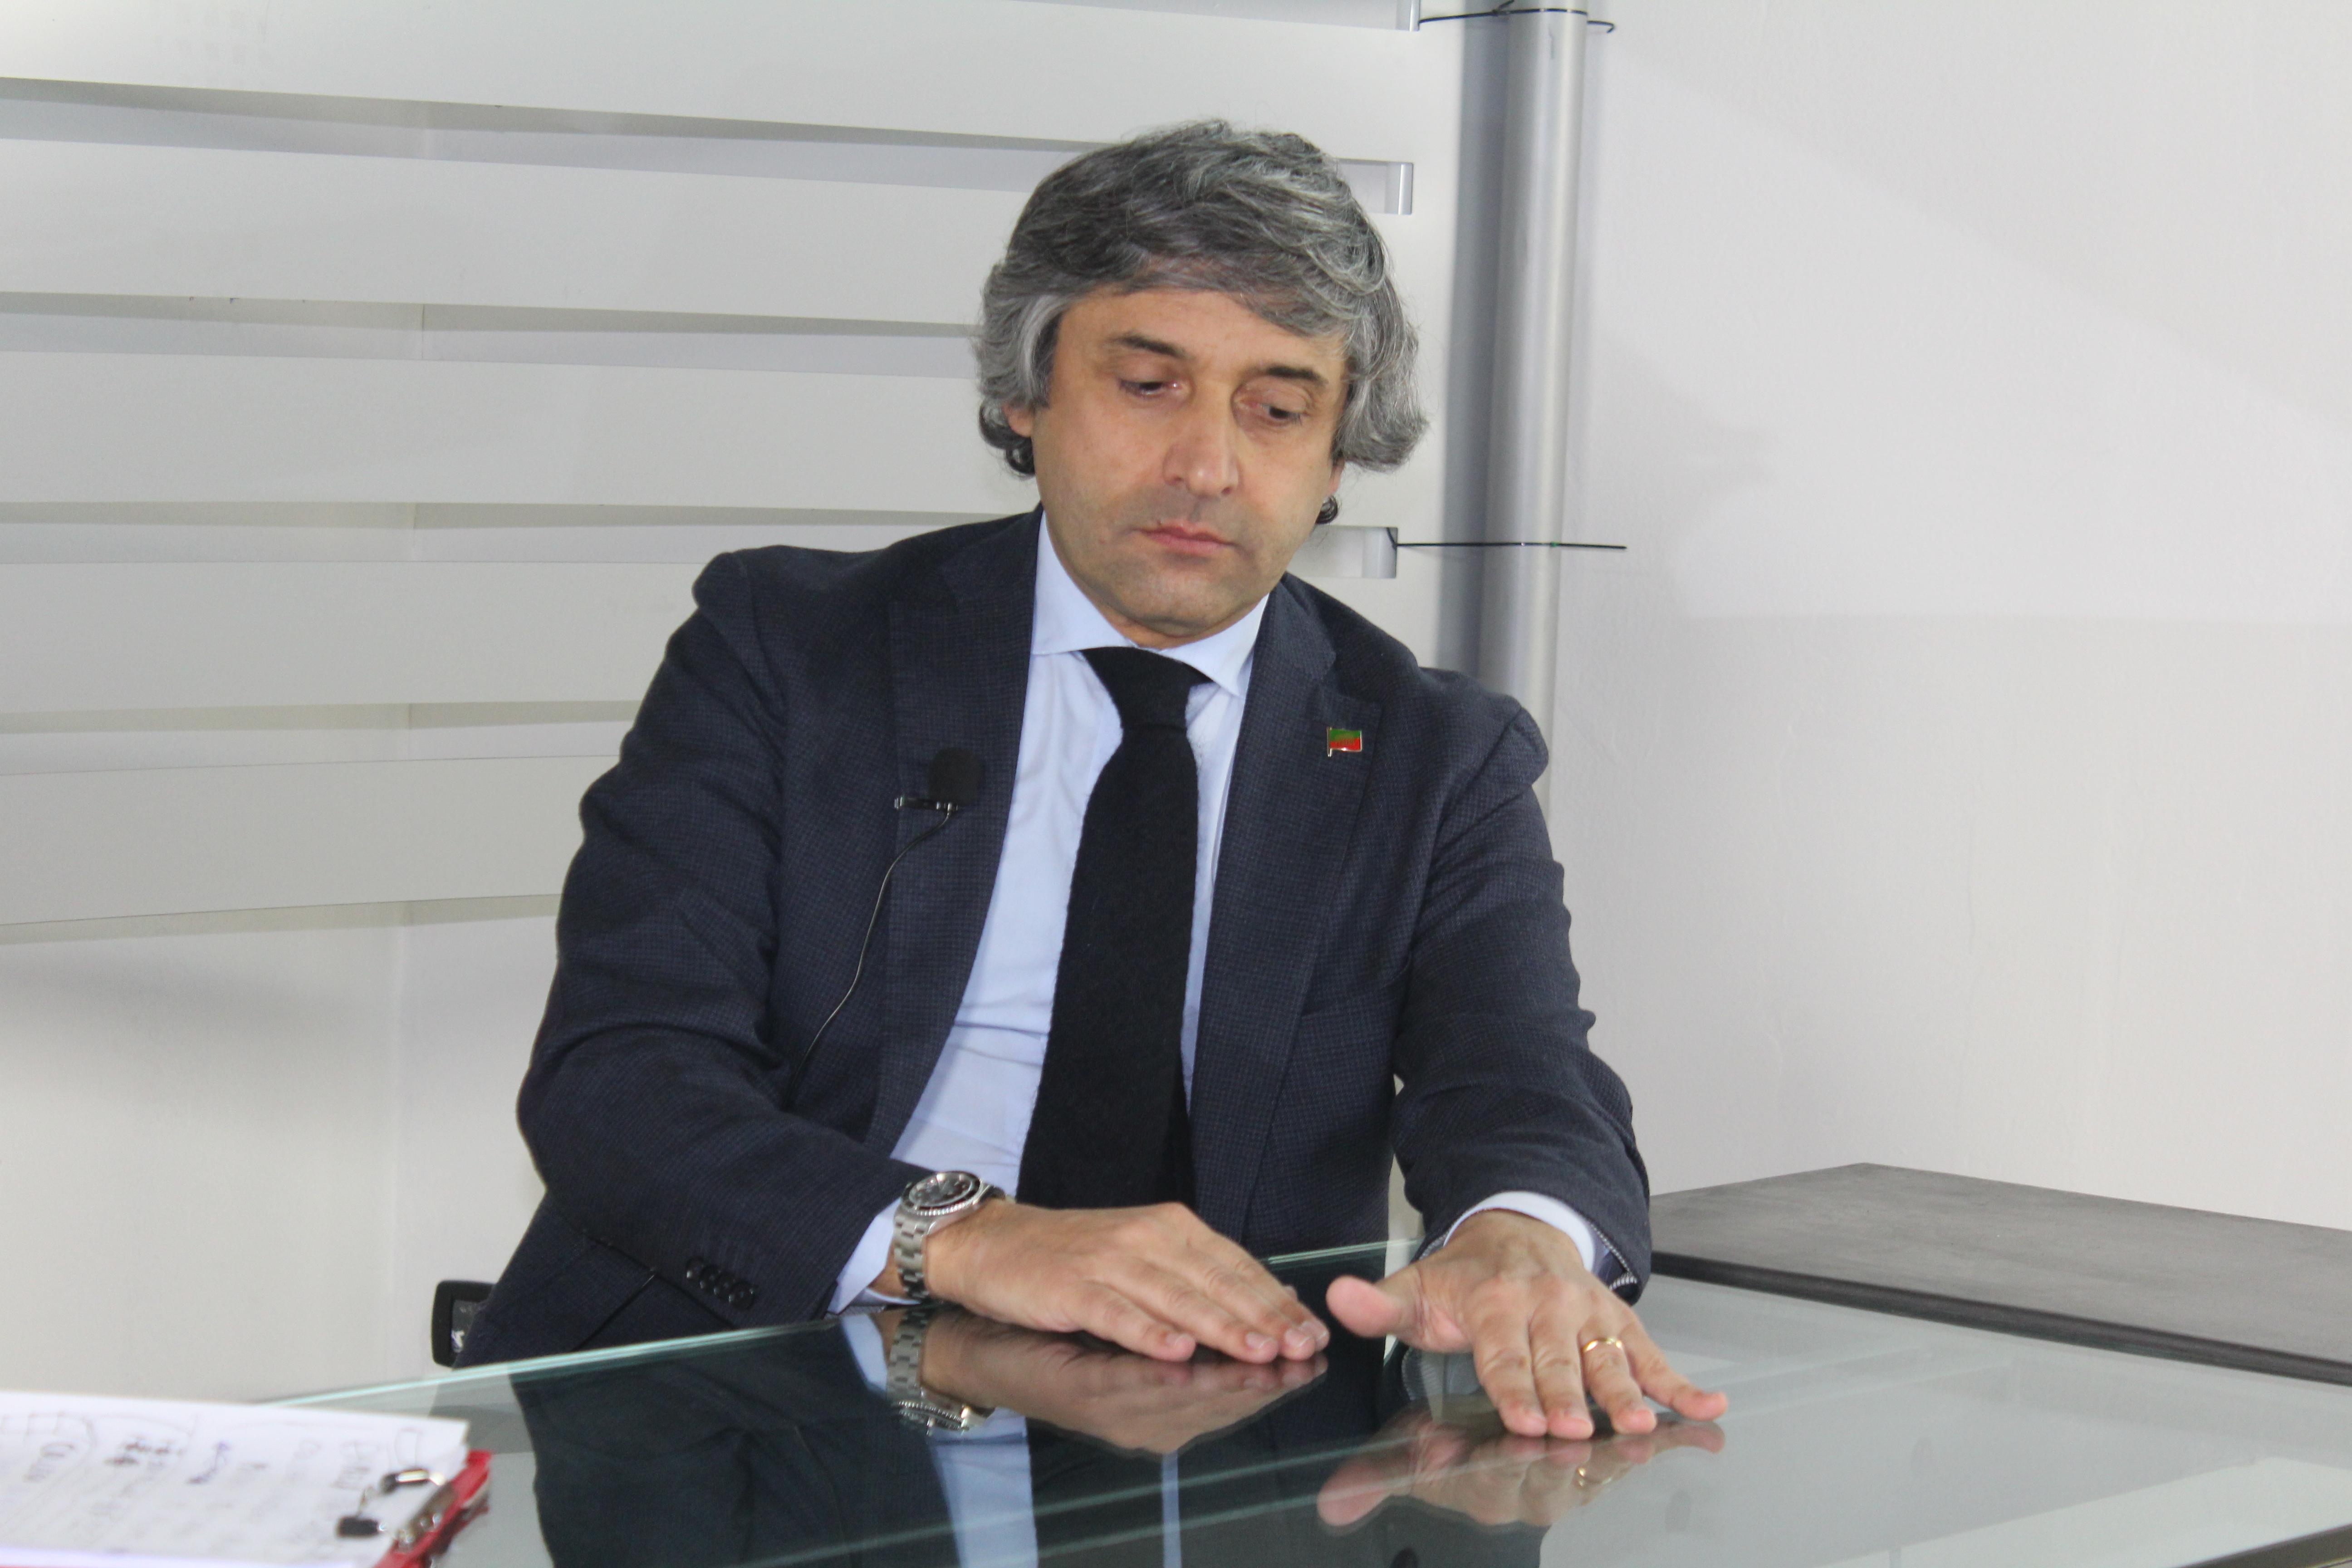 Tony Scilla